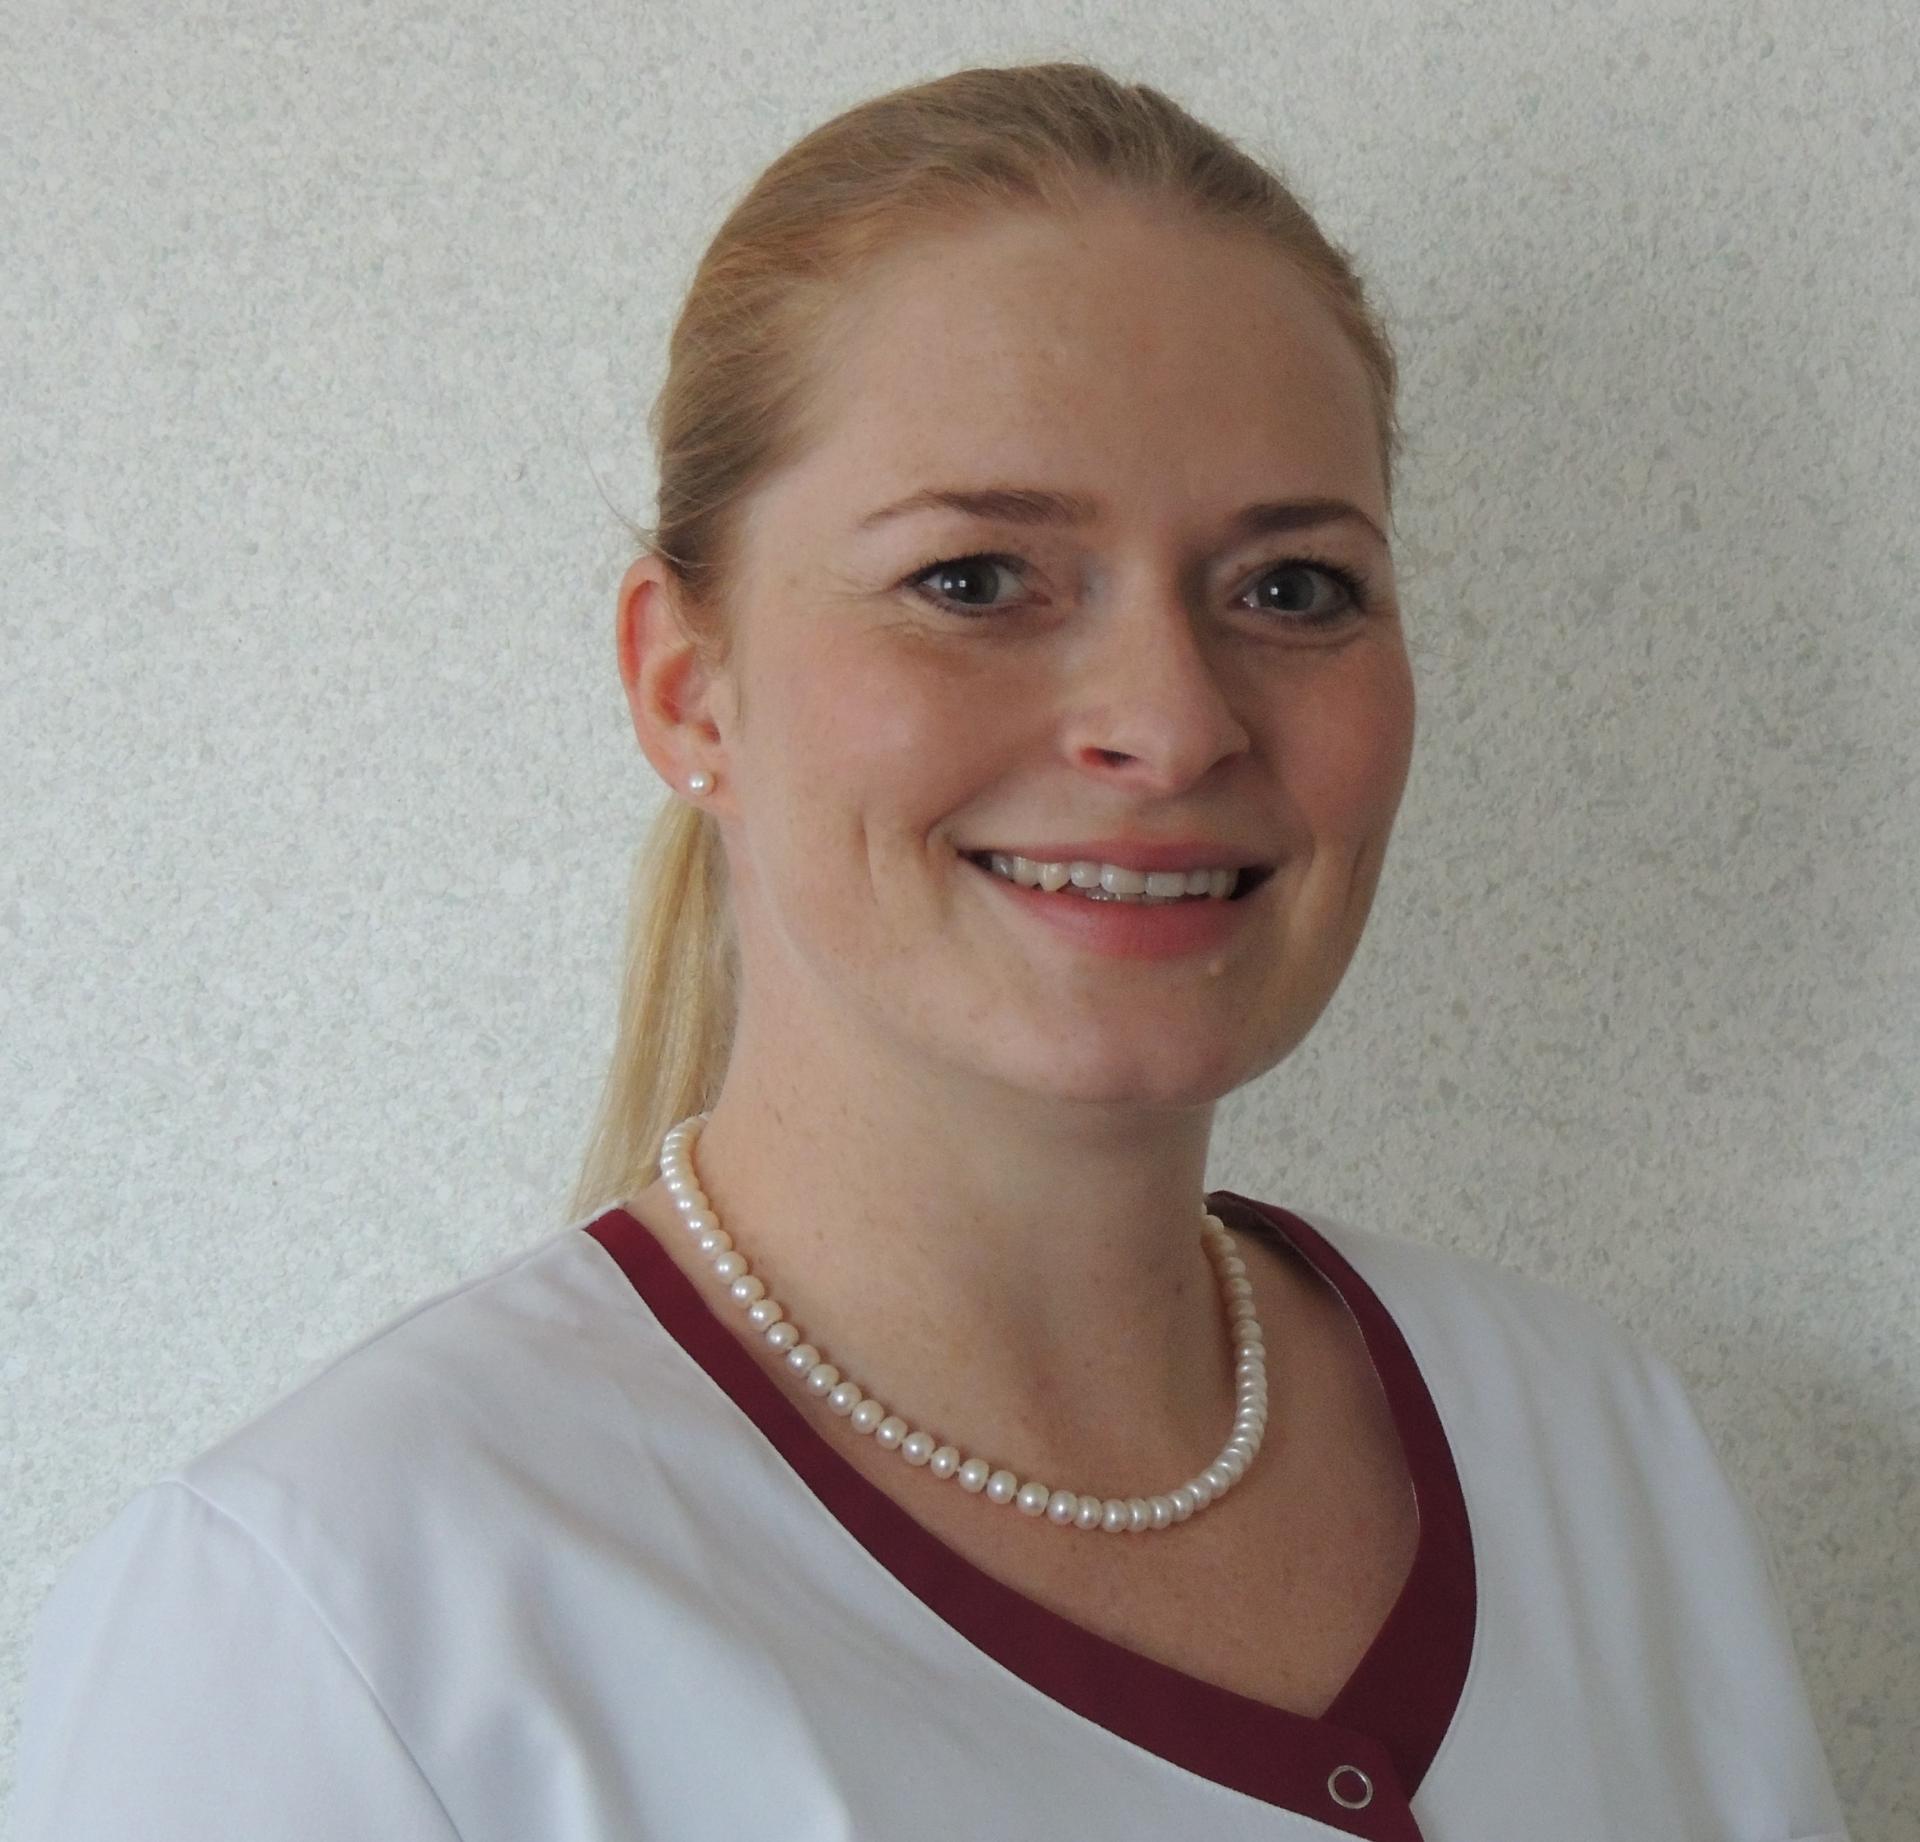 Bea Kuntze